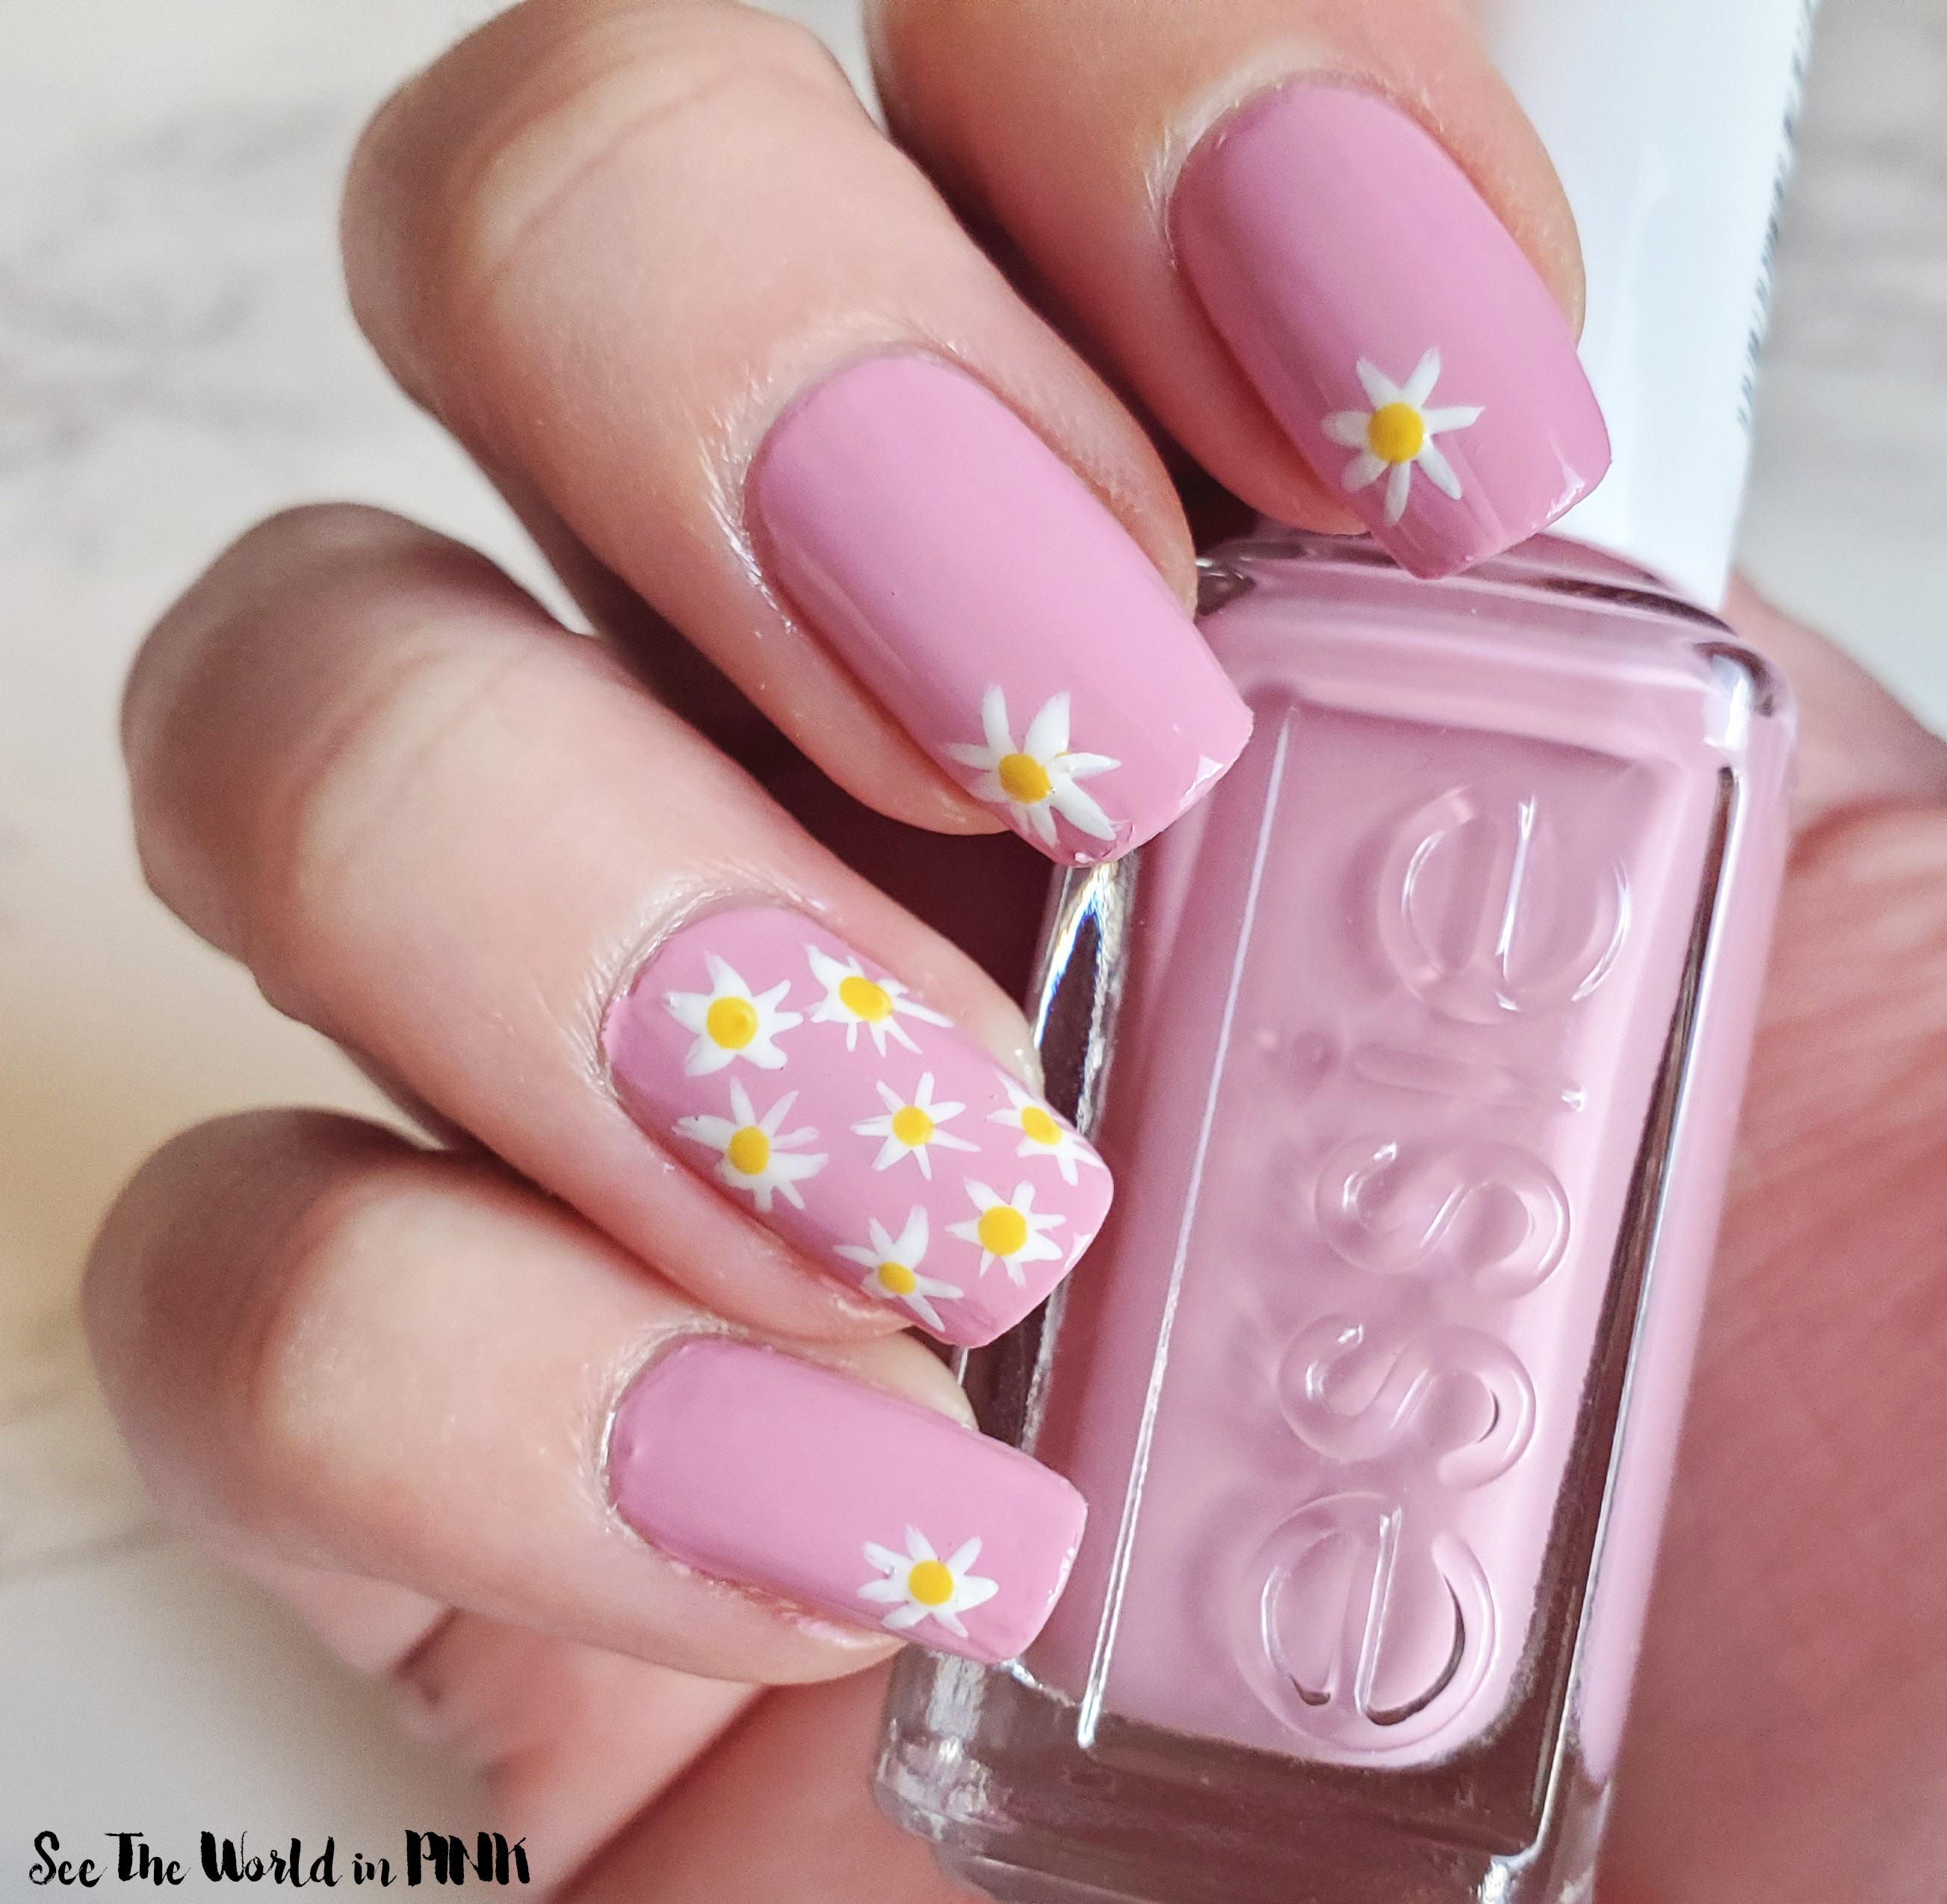 Manicure Monday - Mini Daisy Nails